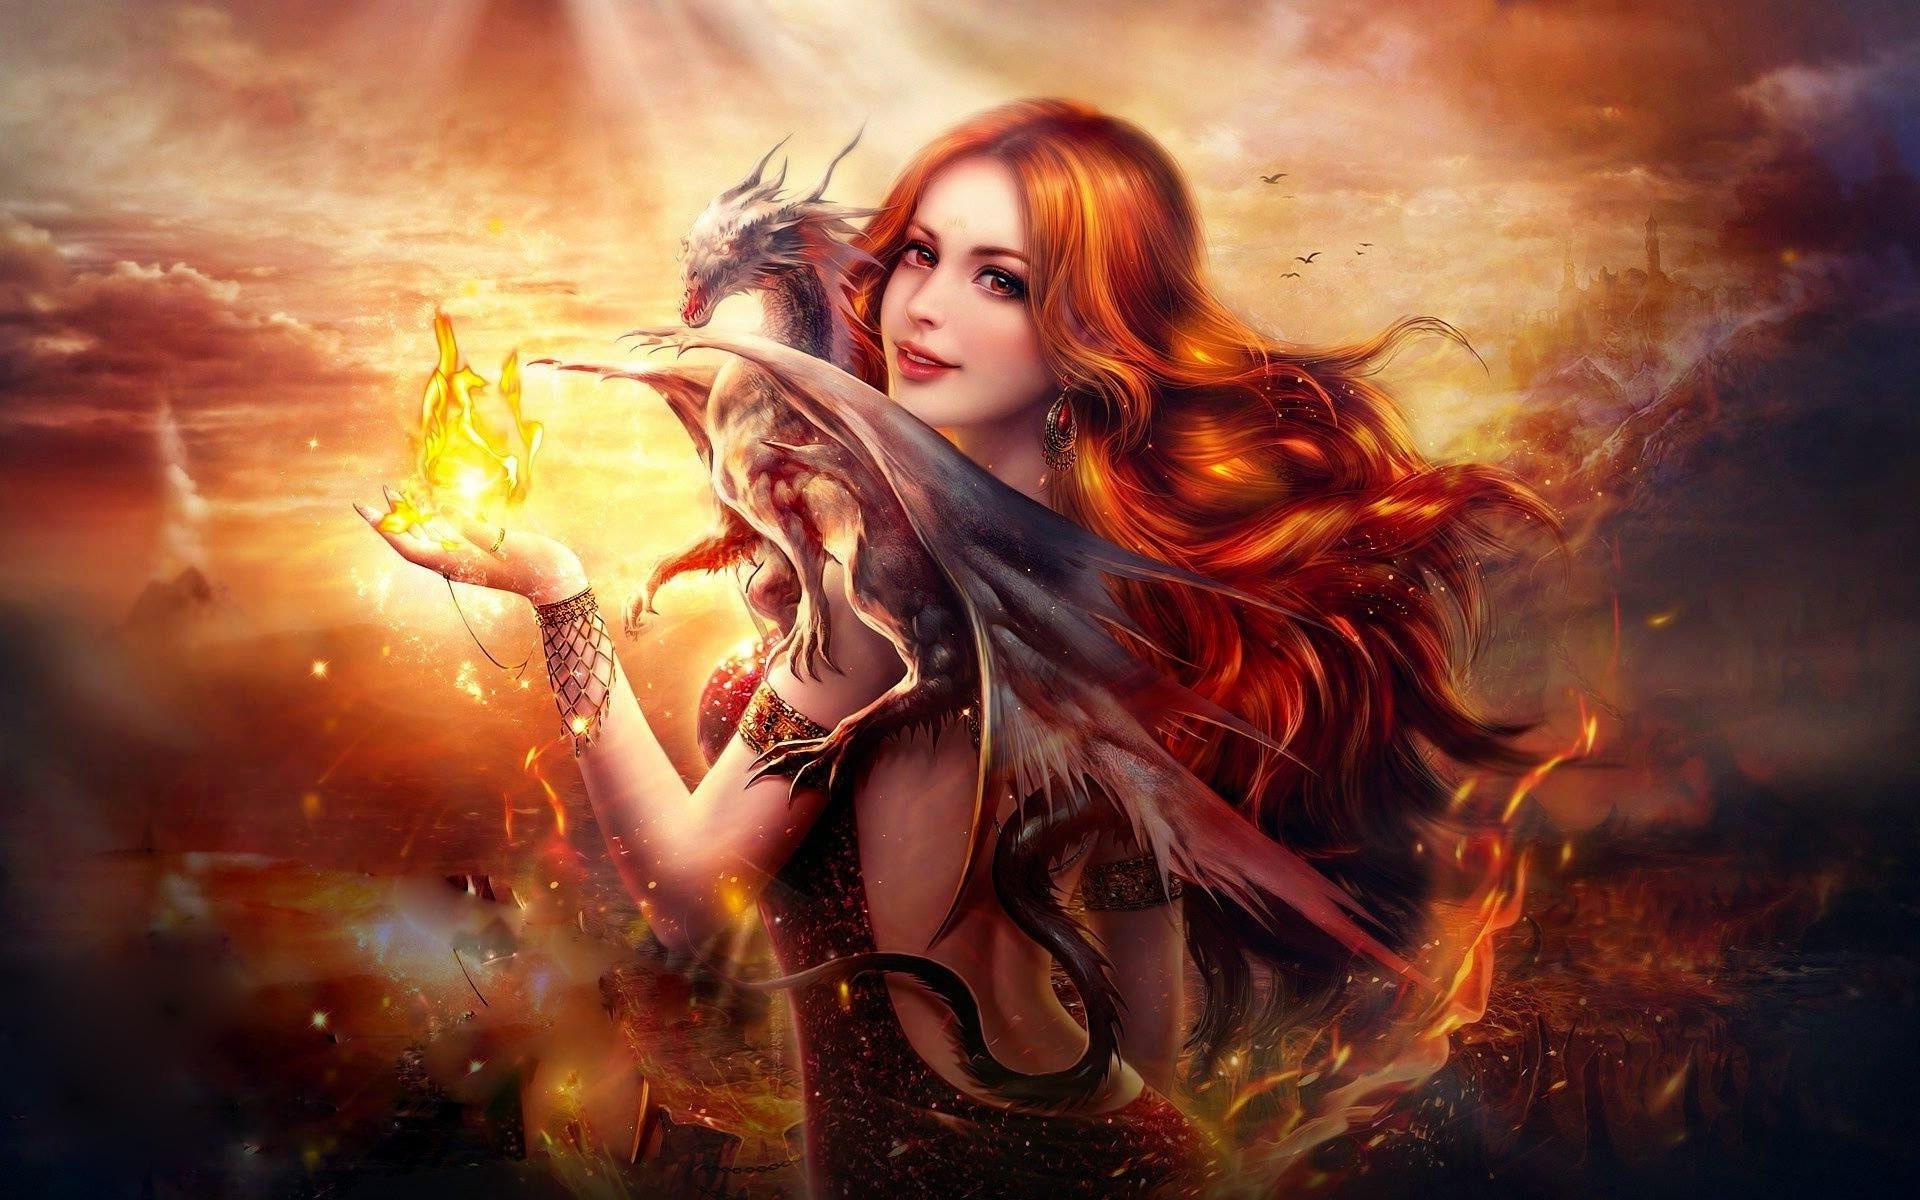 fantasy-beauty-lady-wide-wallpaper